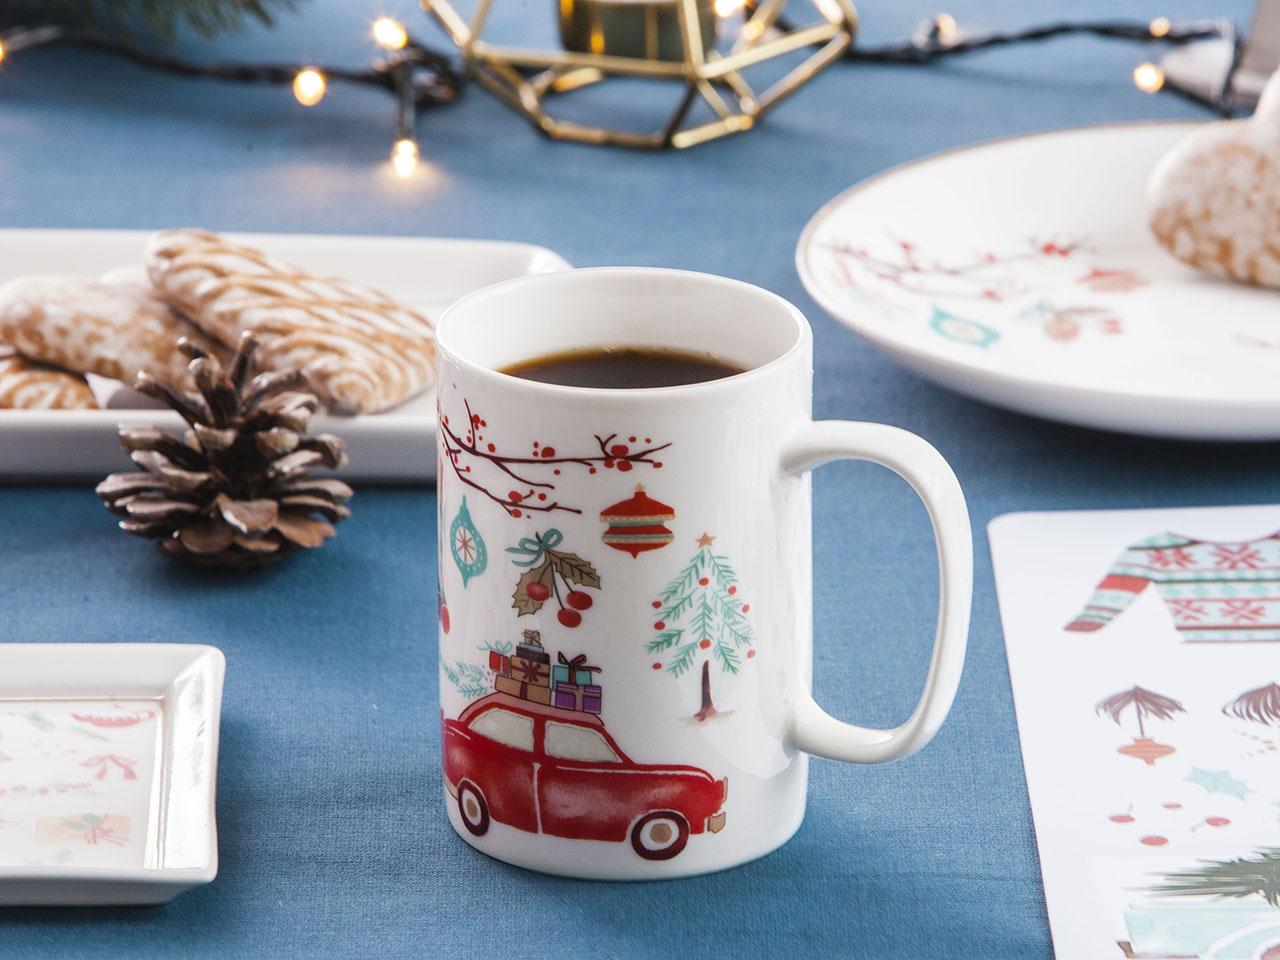 Kubek świąteczny do kawy i herbaty Boże Narodzenie Altom Design Magia Północy 350 ml (4 wzory)